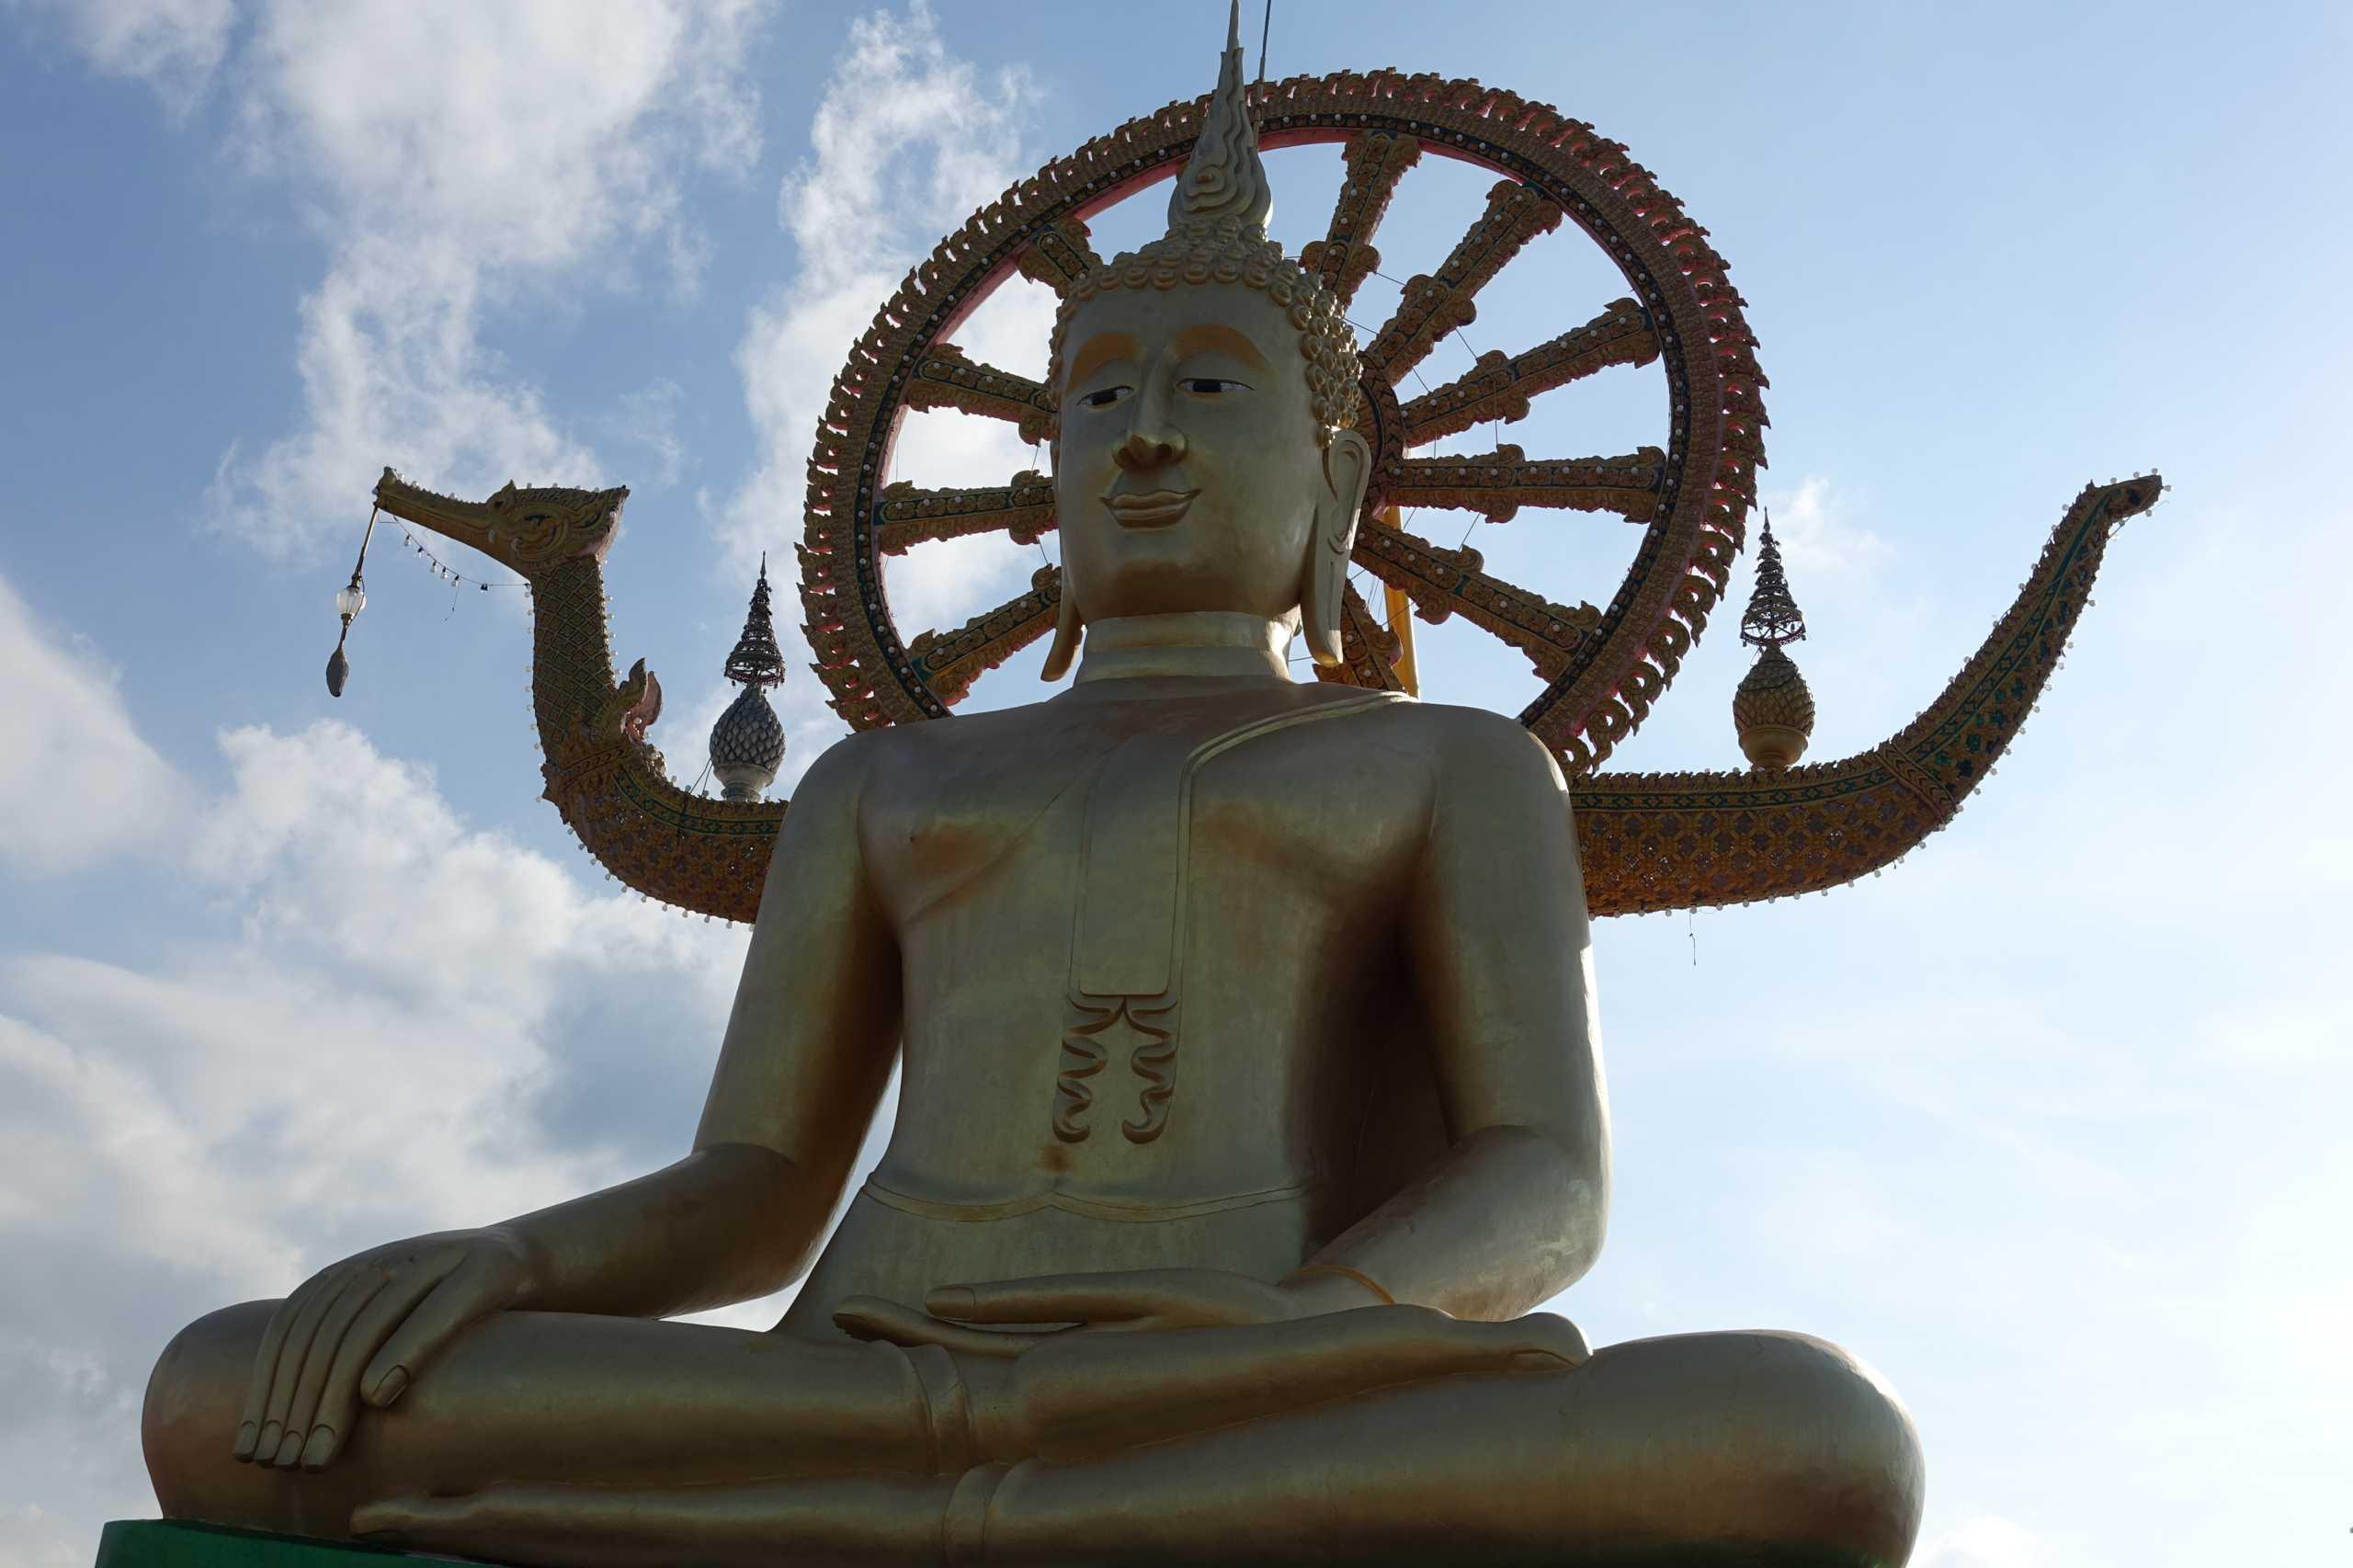 Und hier ist er, der berühmte Big Buddha von Koh Samui